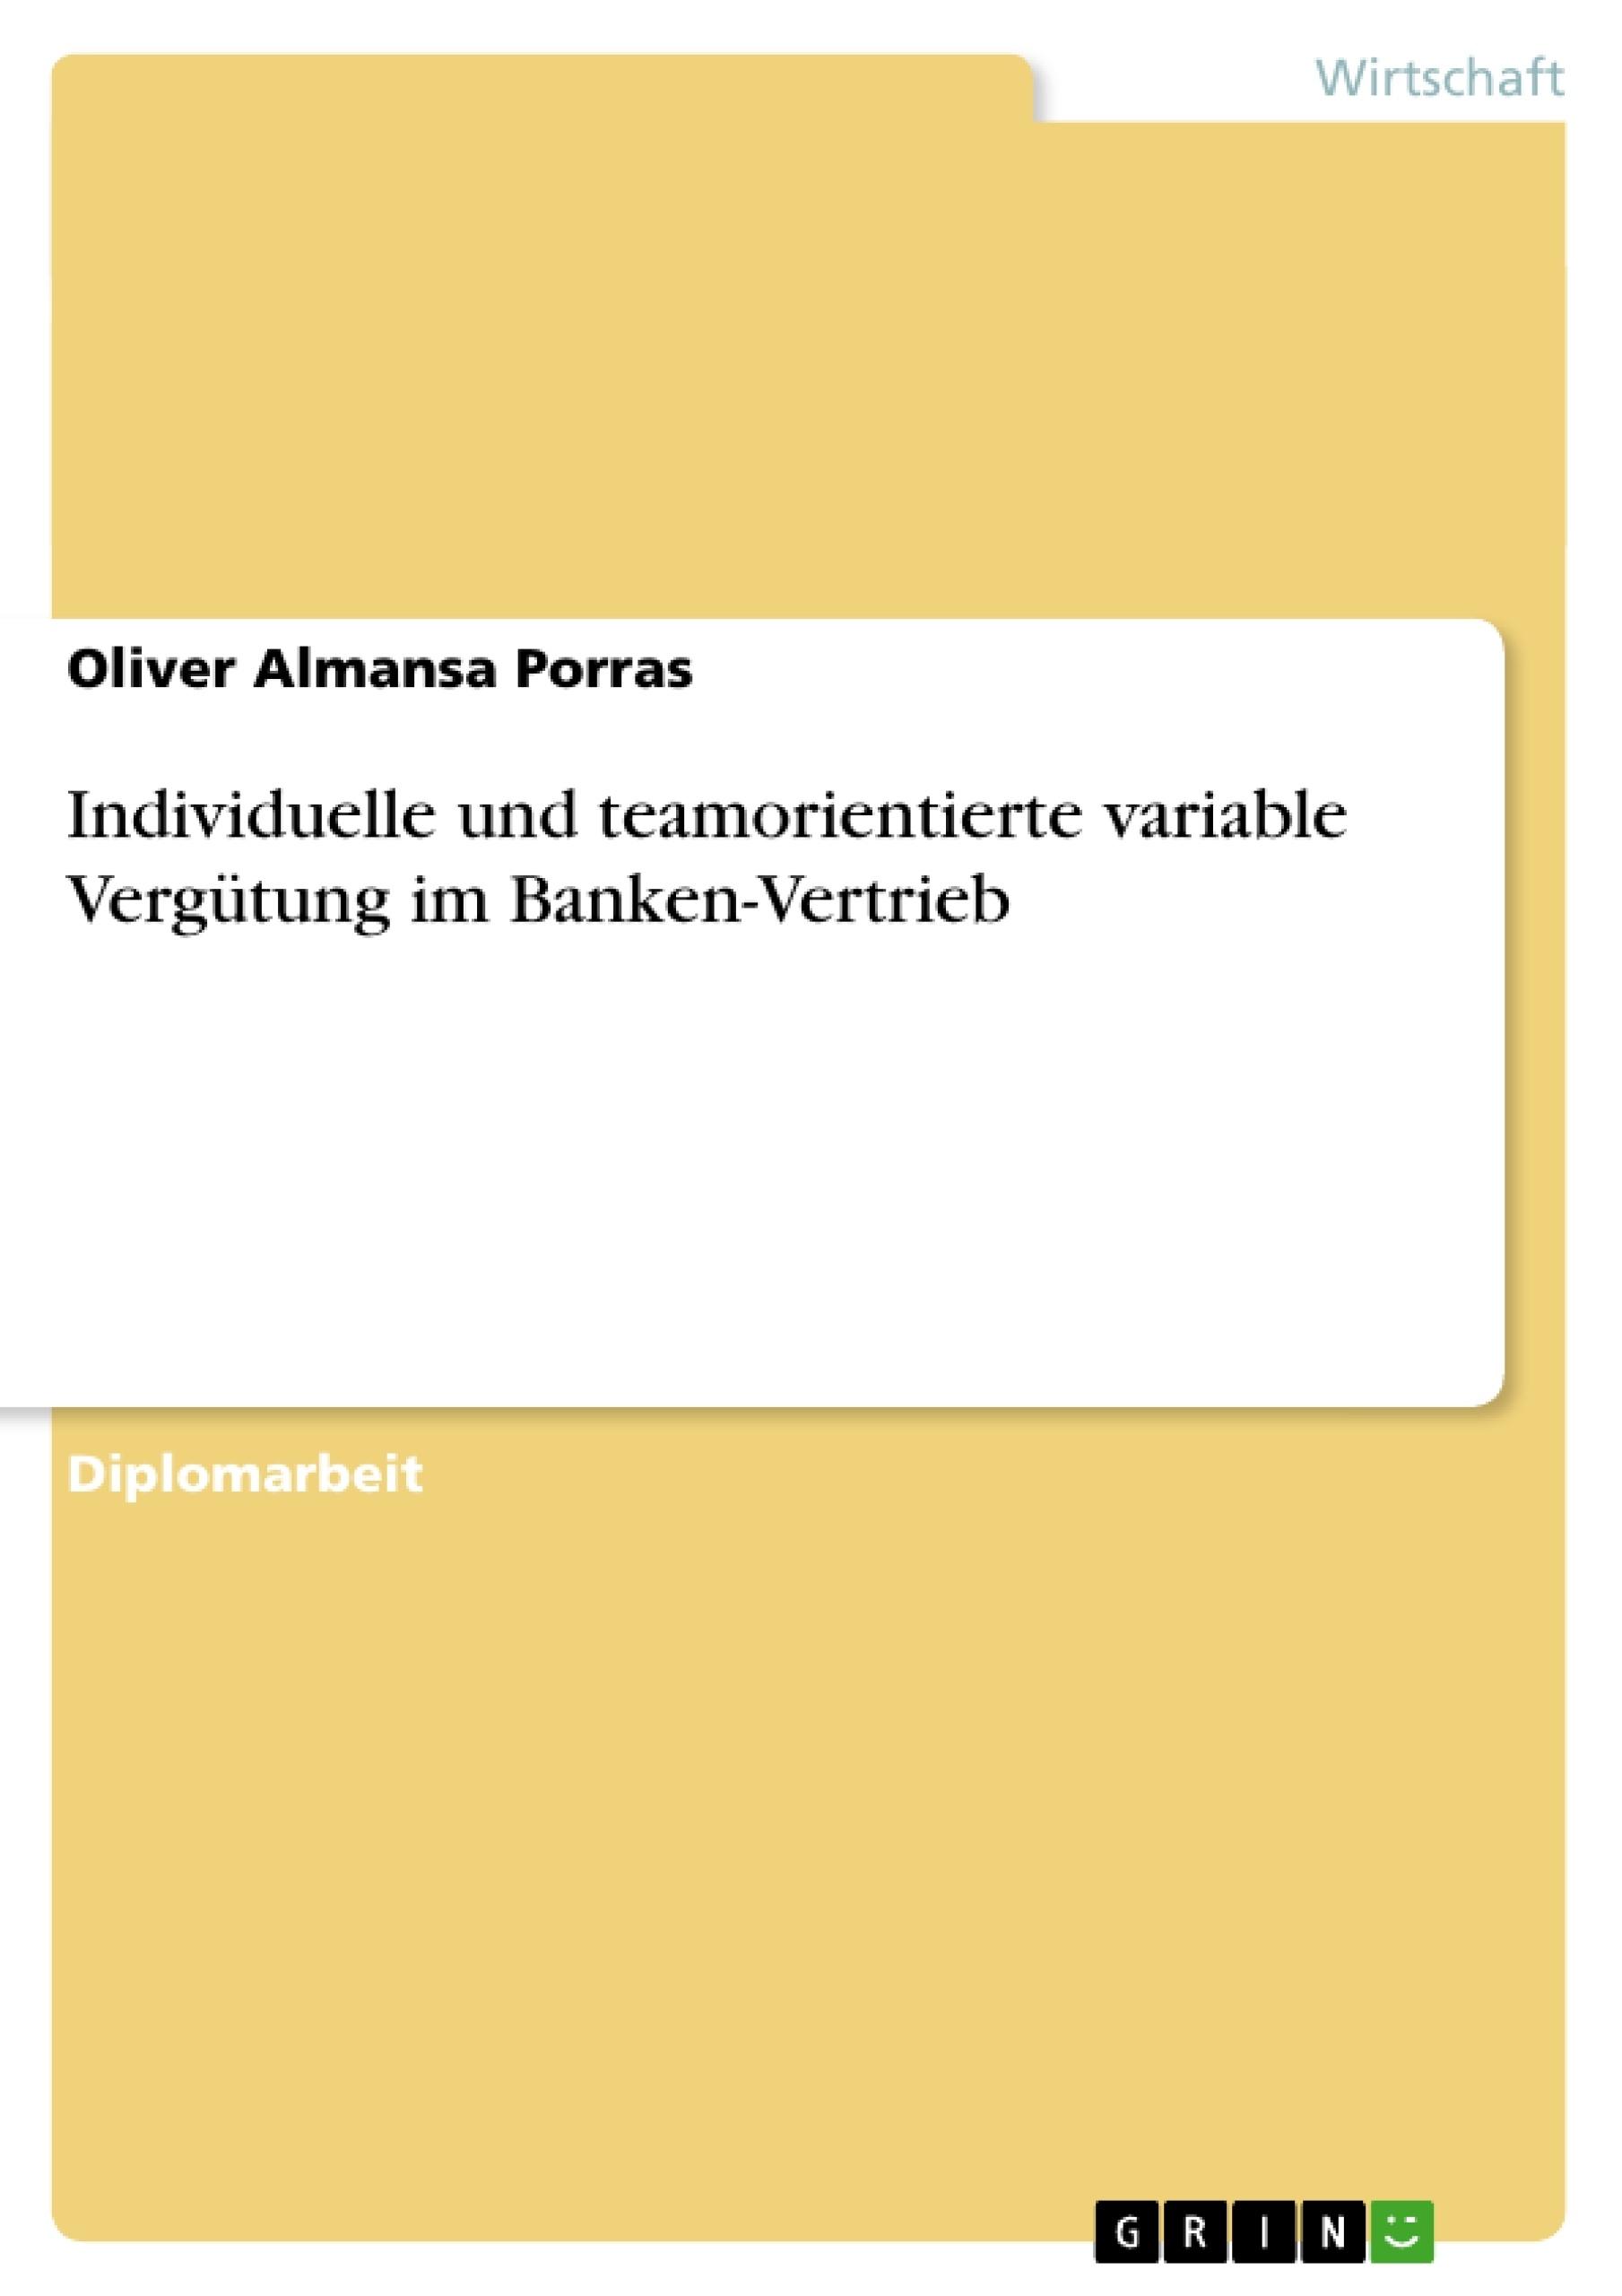 Titel: Individuelle und teamorientierte variable Vergütung im Banken-Vertrieb